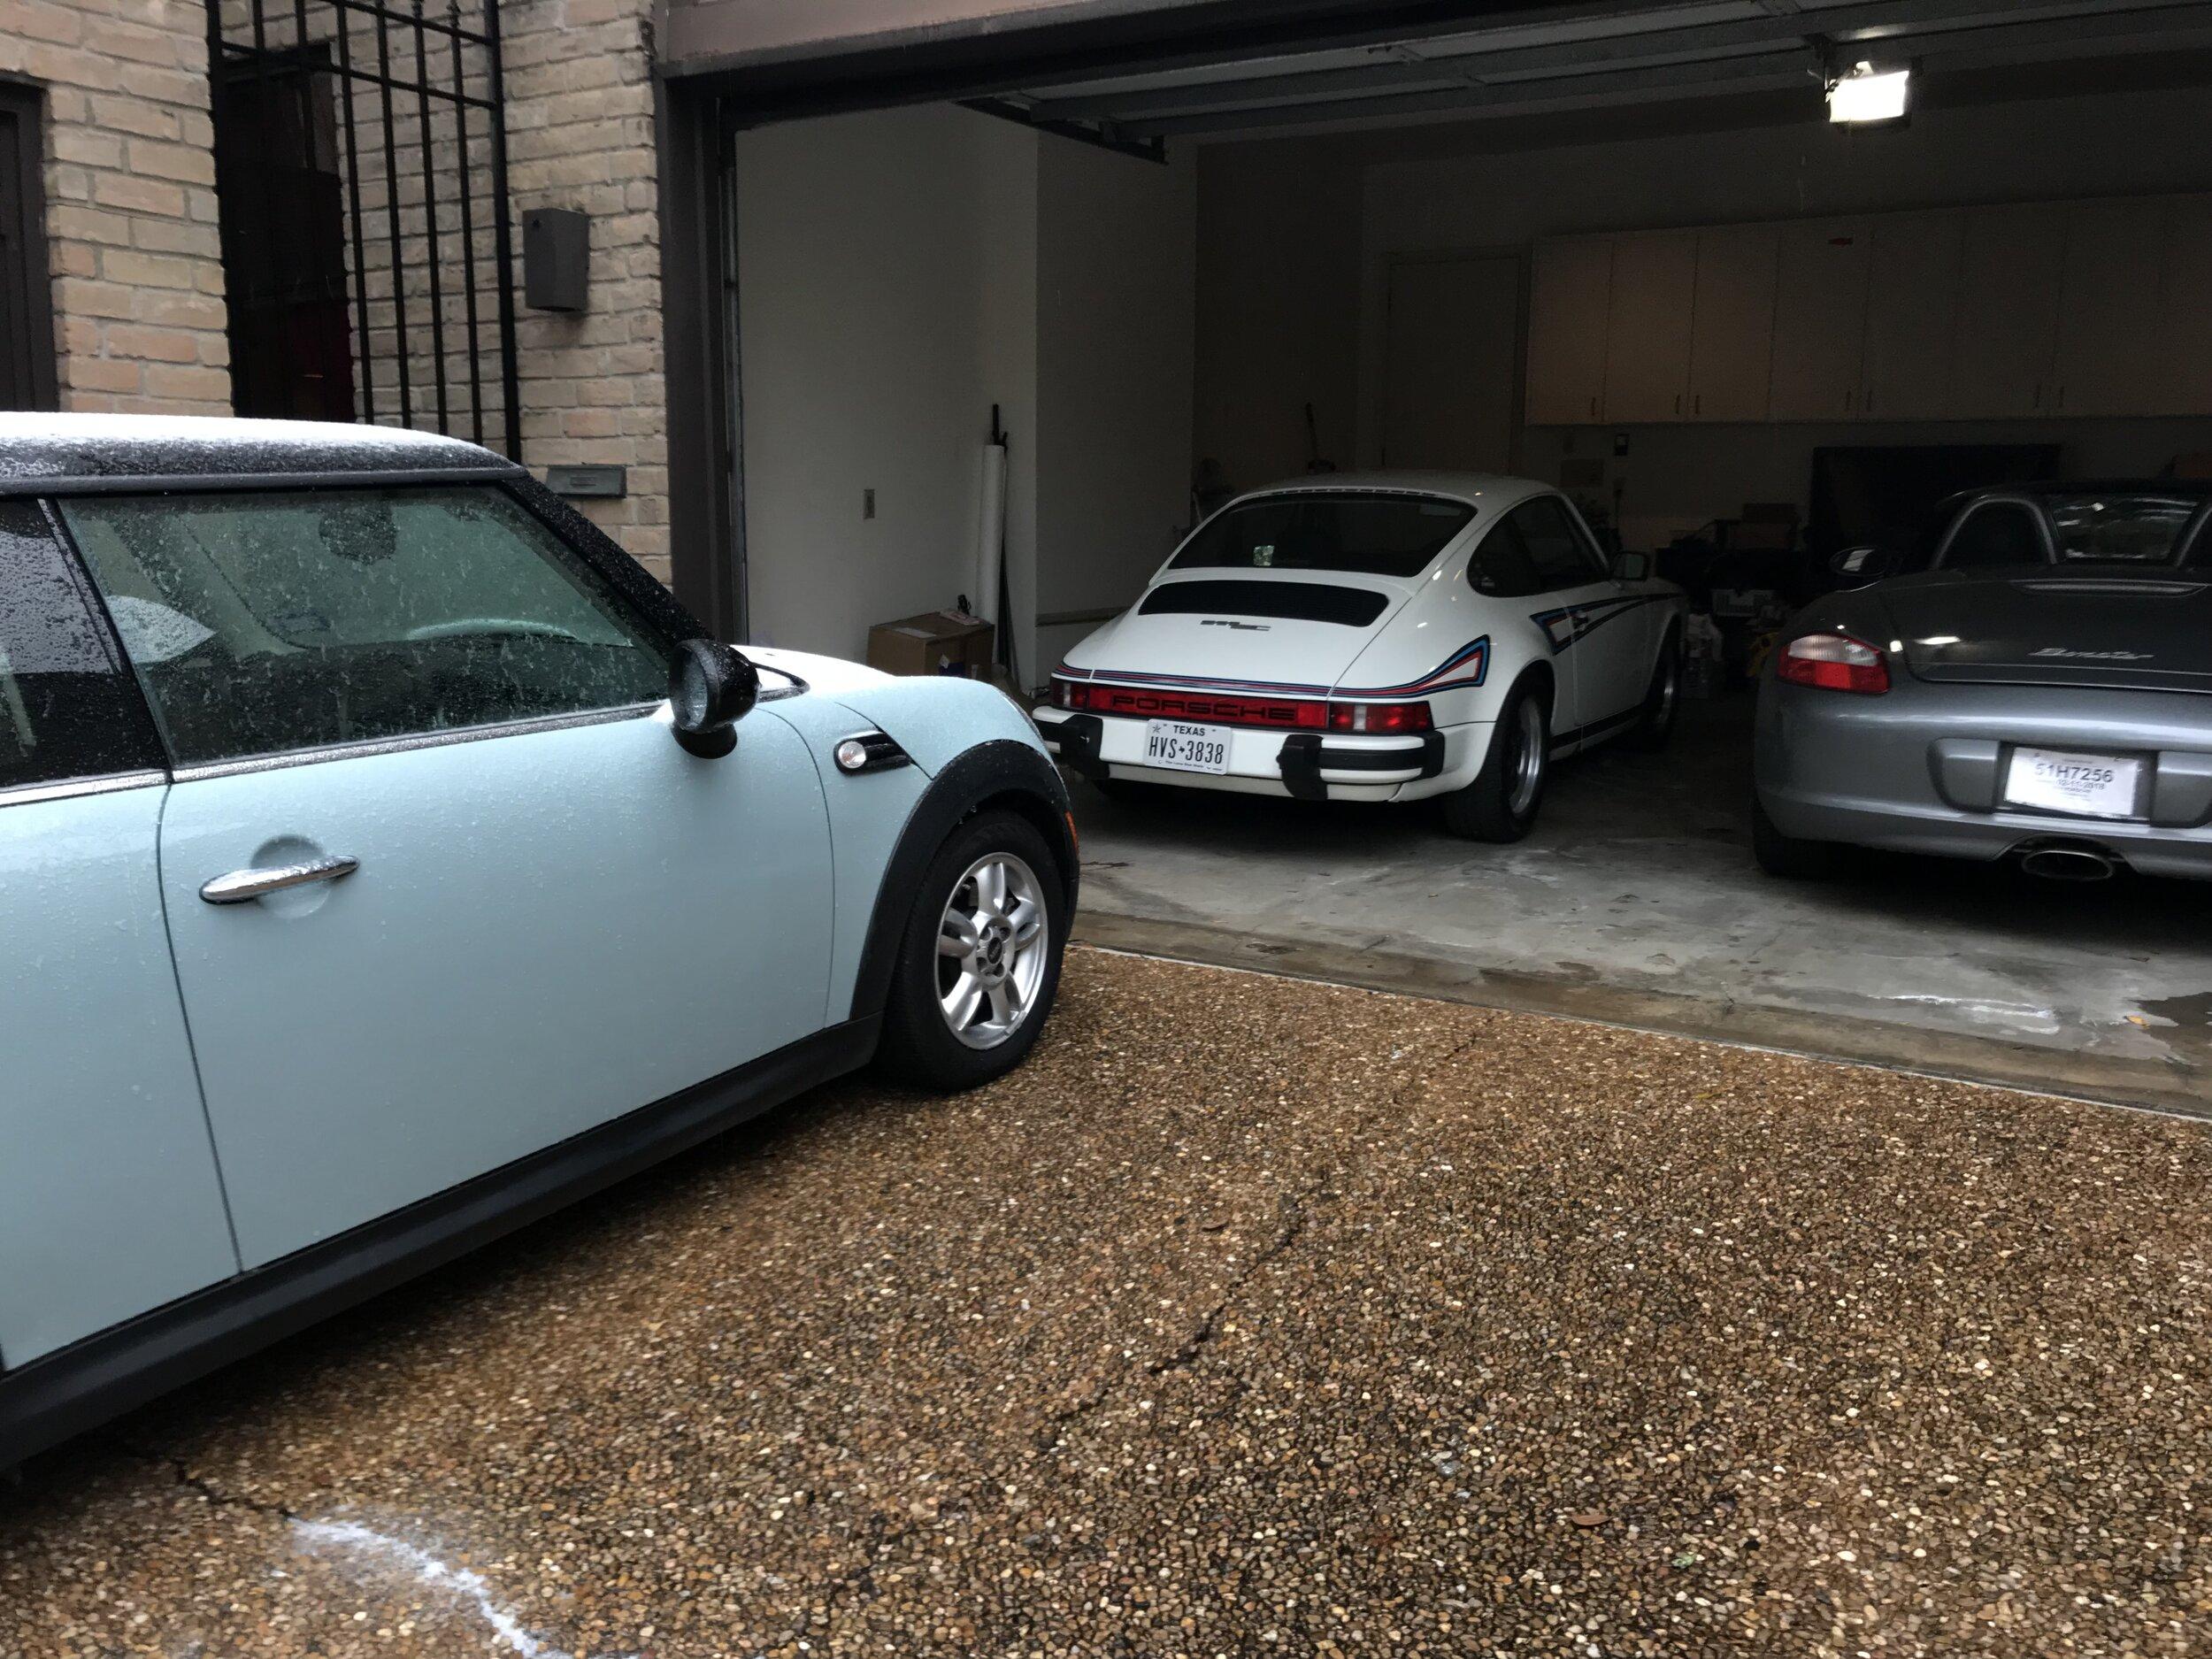 Two-Porsche household